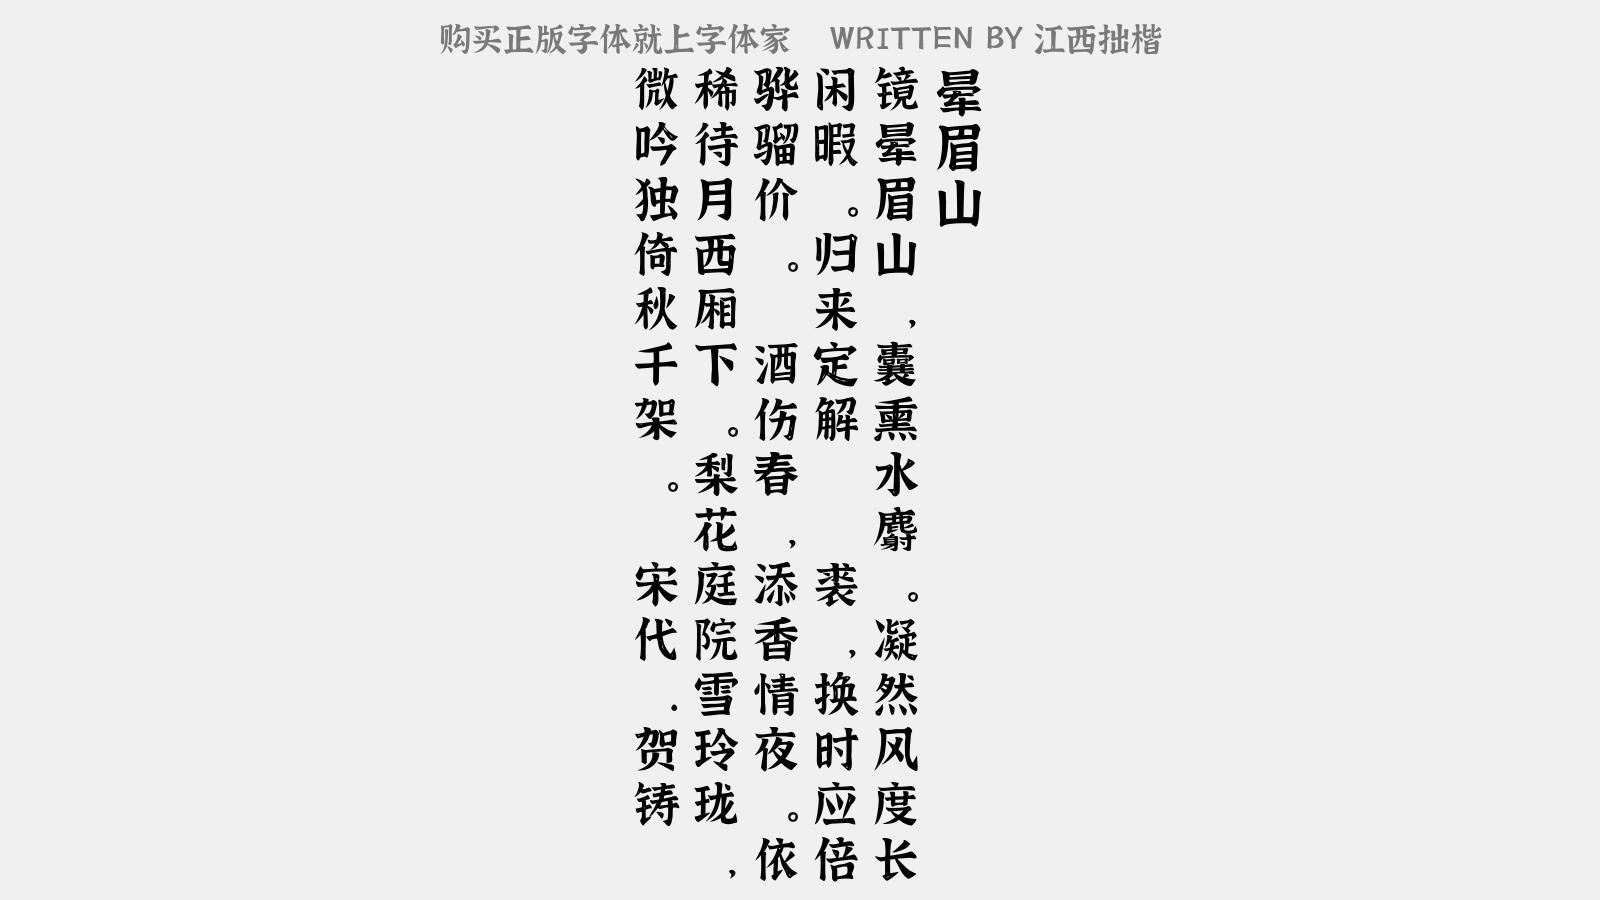 江西拙楷體 - 暈眉山